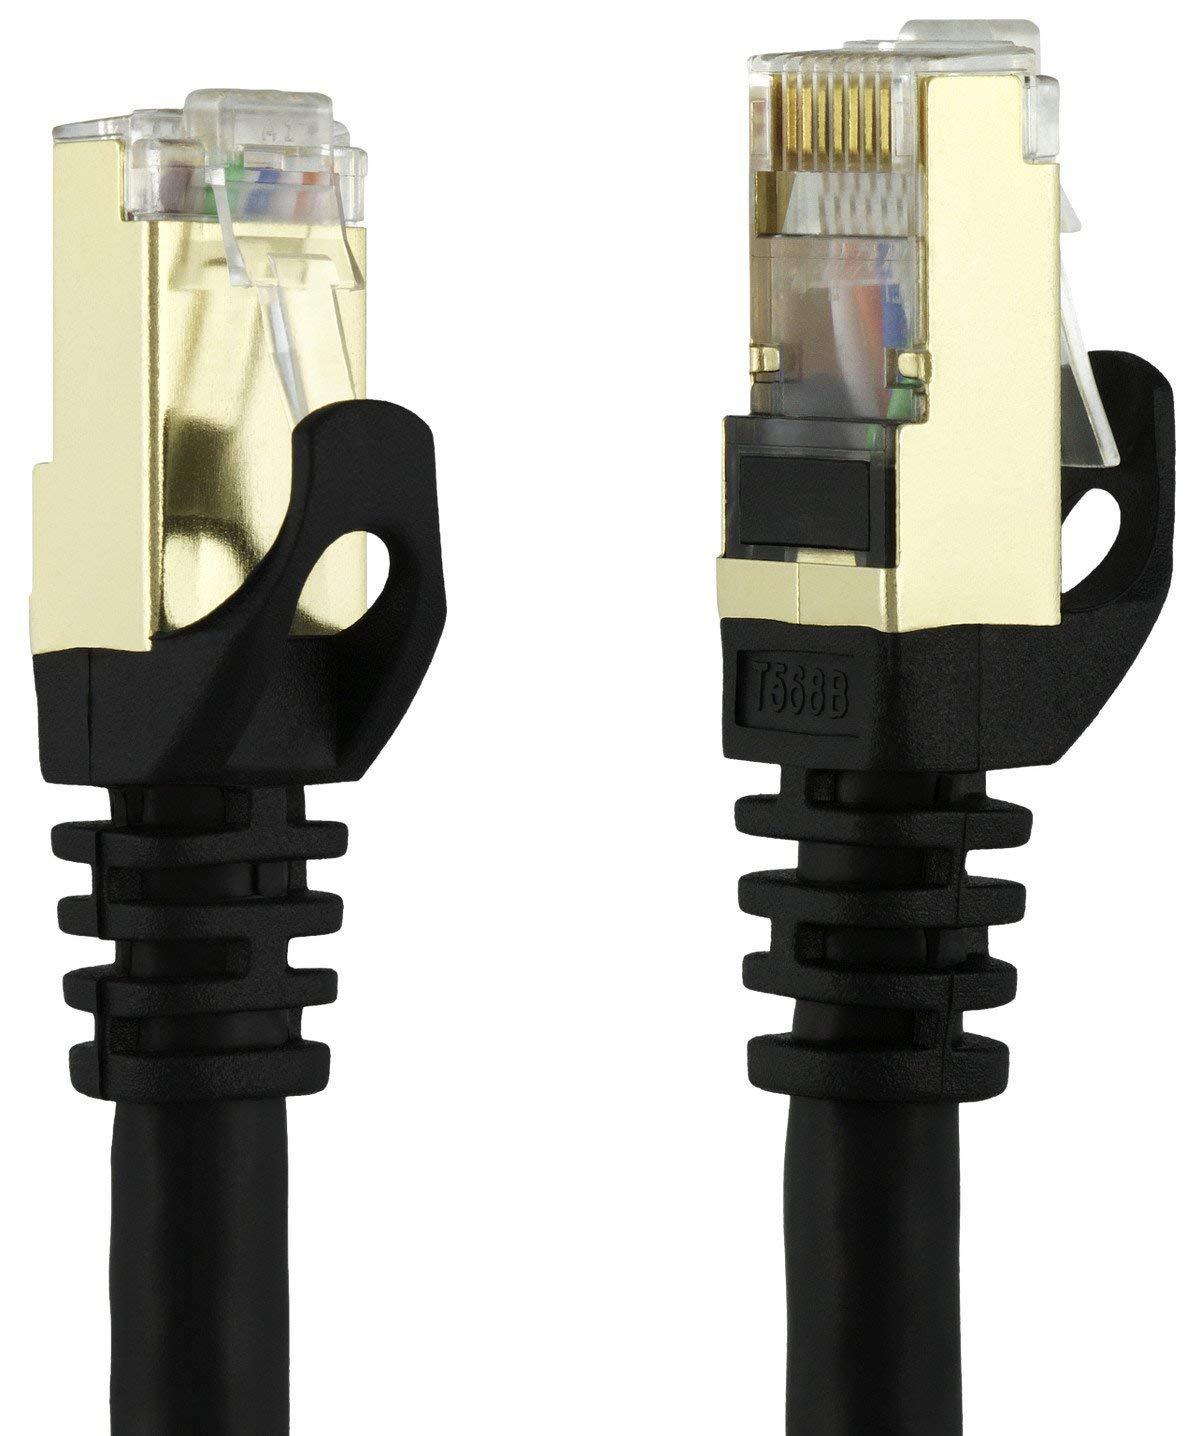 کابل شبکه CAT7 لمونتک 1 متری (CAT7 SFTP 1M)